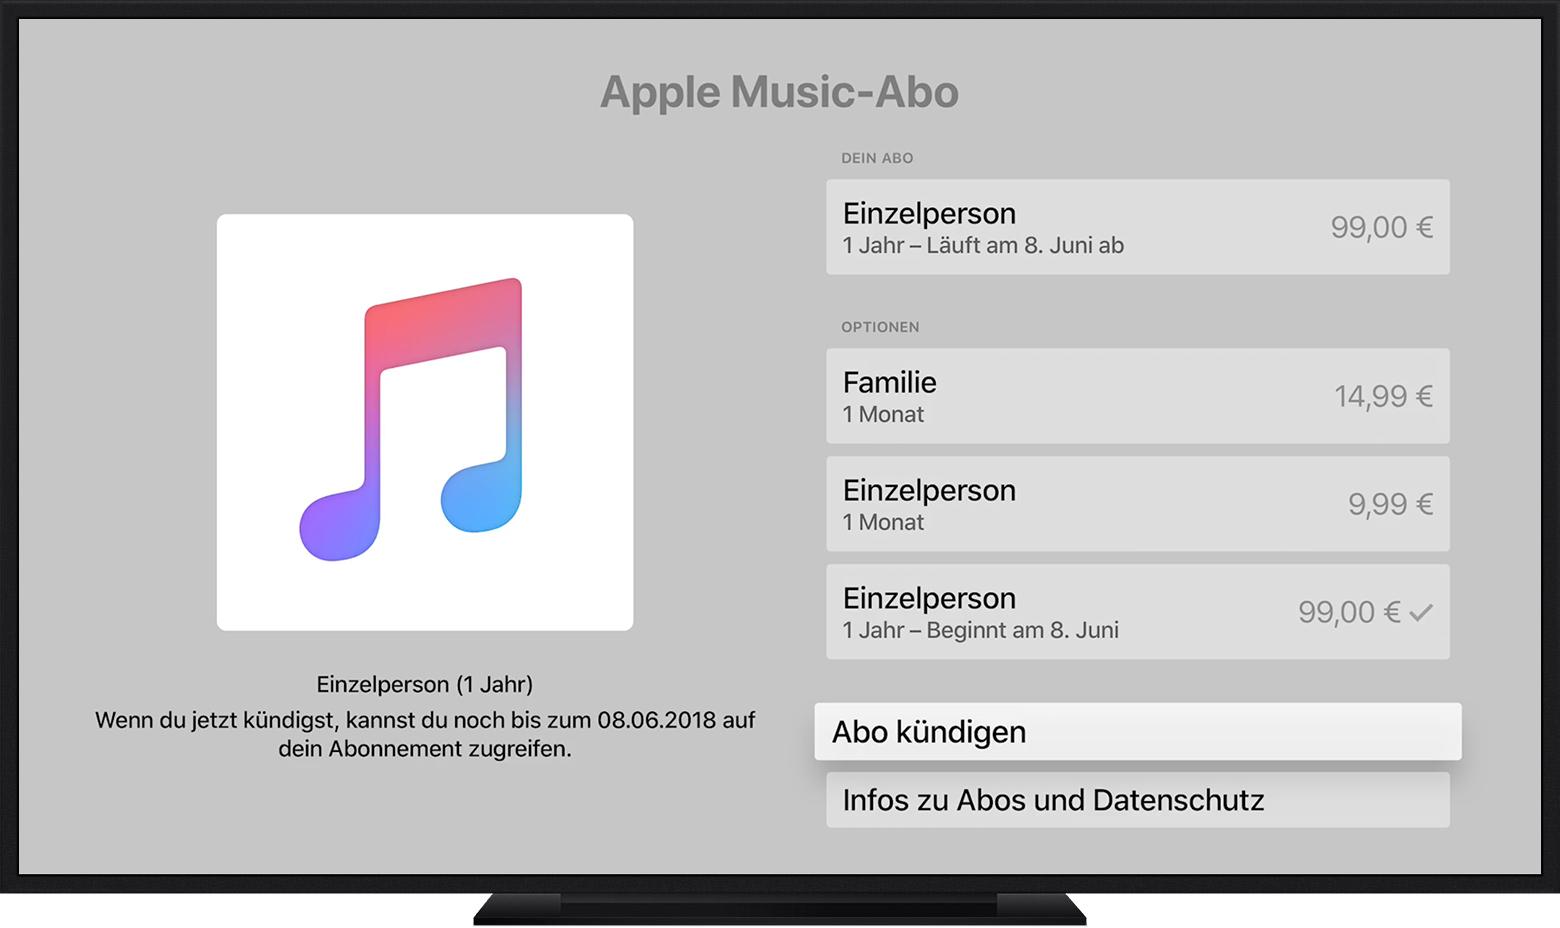 apple music abonnement auf dem iphone ipad ipod touch mac pc oder apple tv verwalten apple. Black Bedroom Furniture Sets. Home Design Ideas